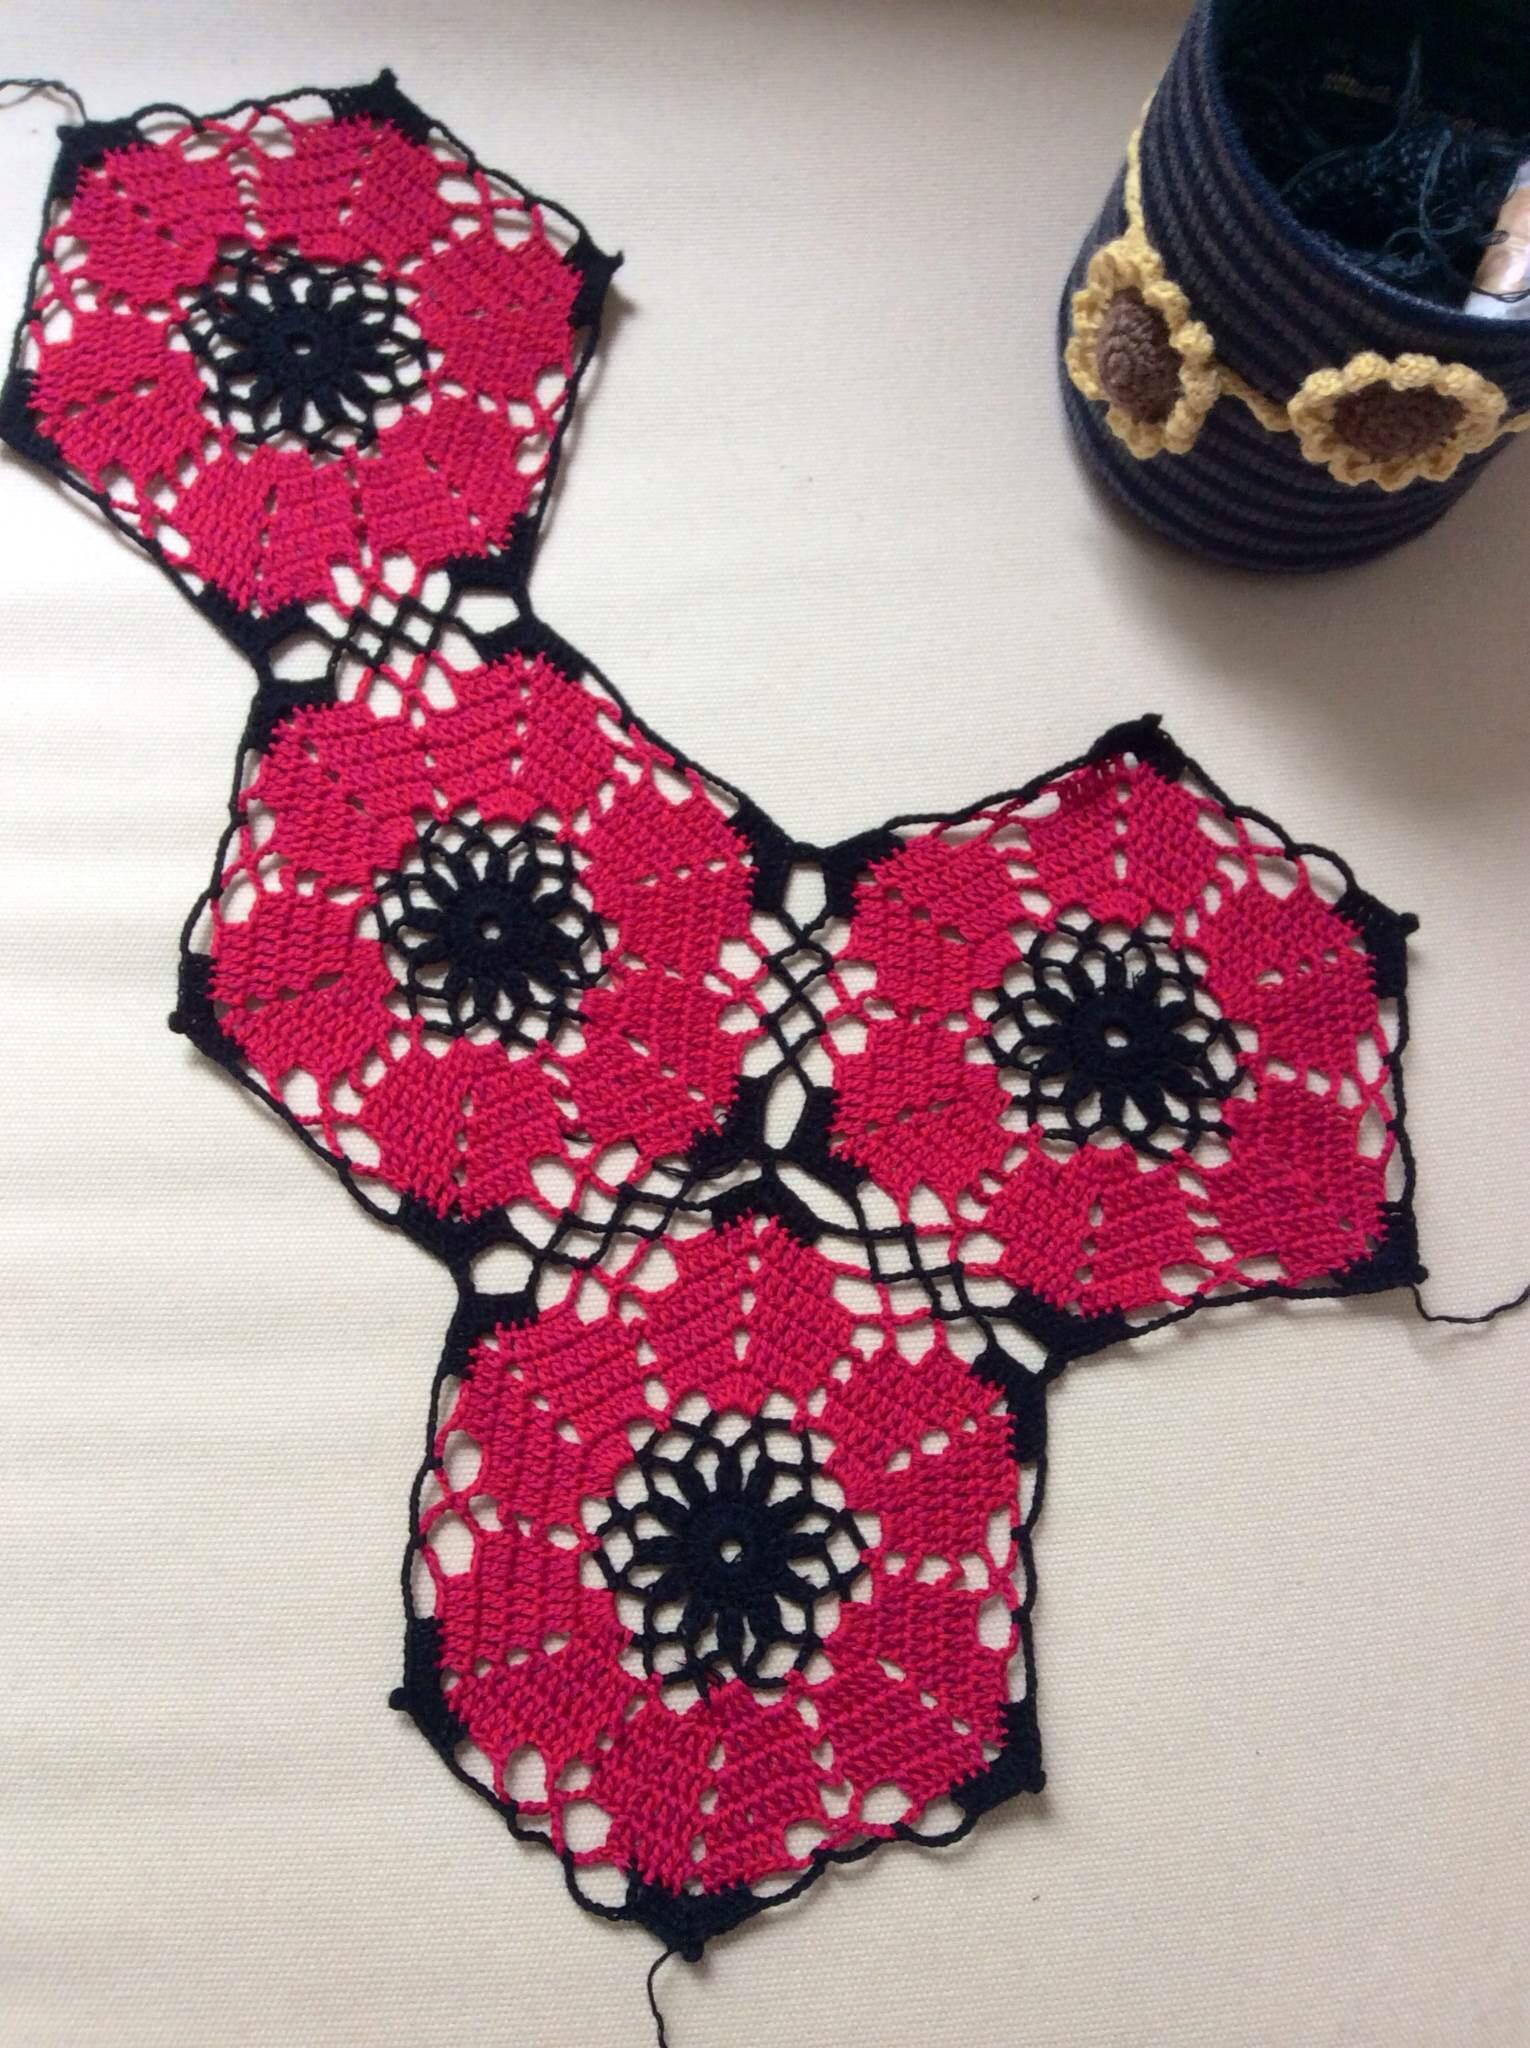 六角花的勾法图解_各种花的钩法图解